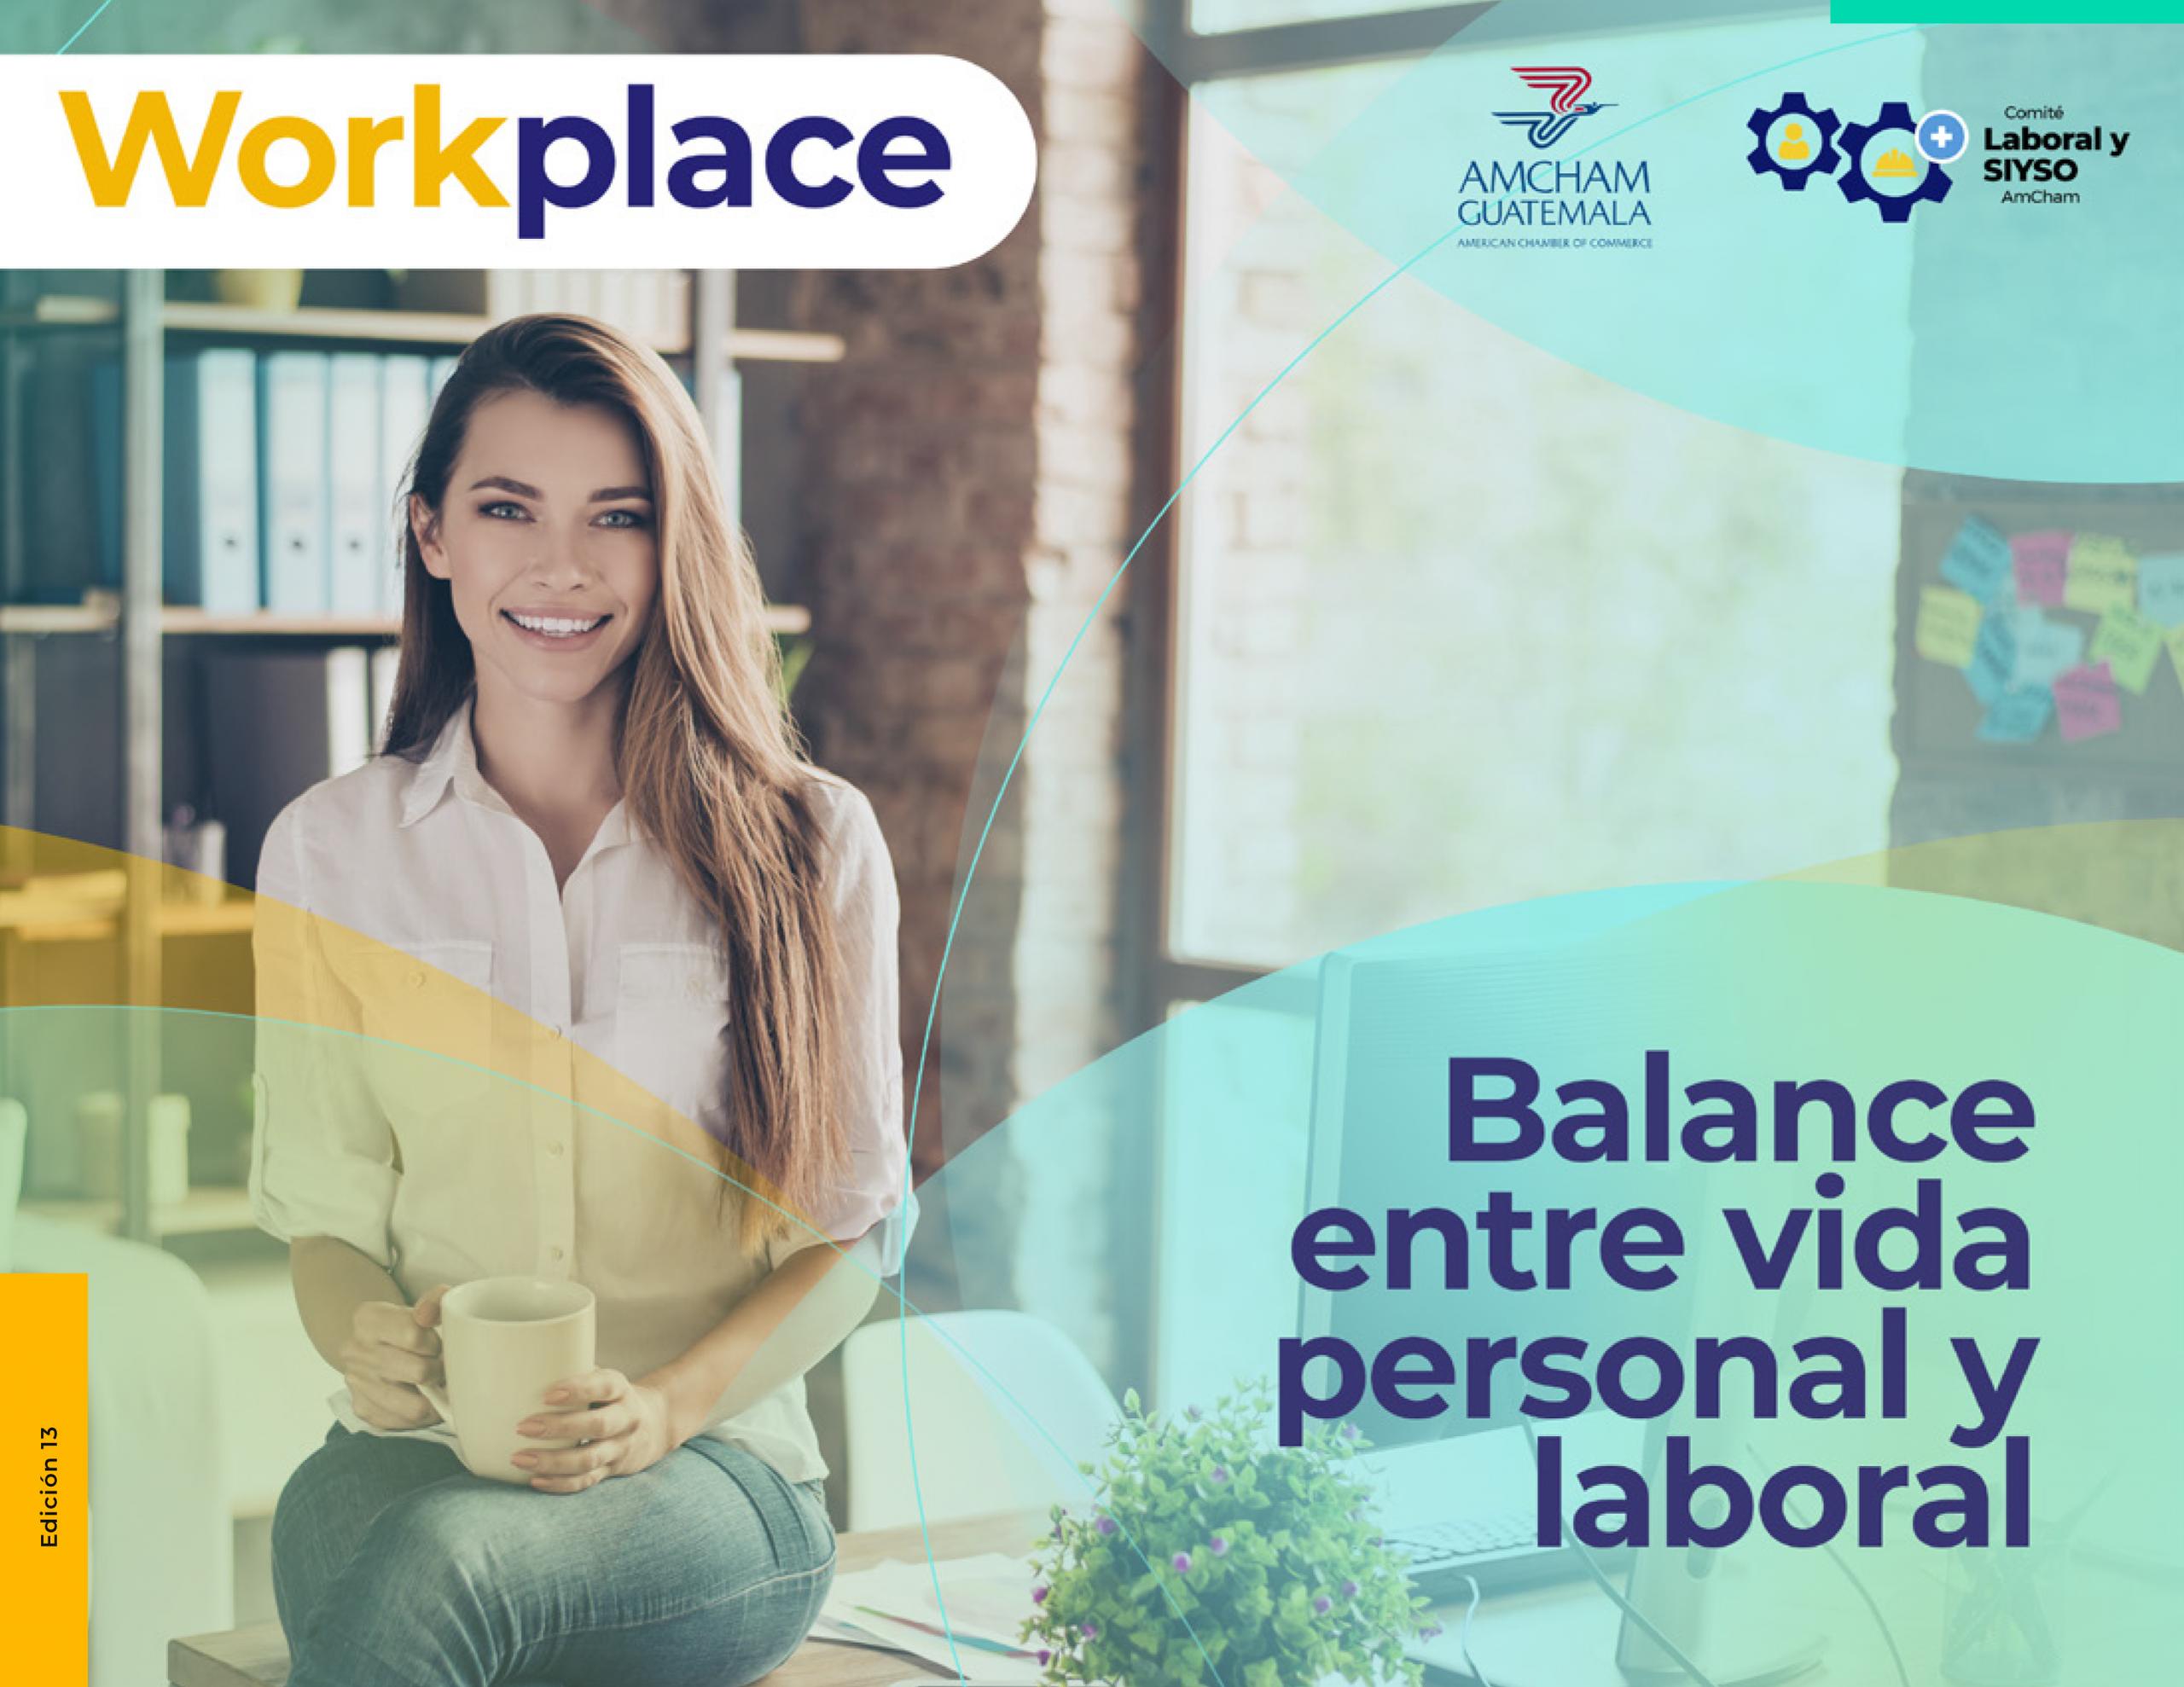 Boletín Workplace junio 2021